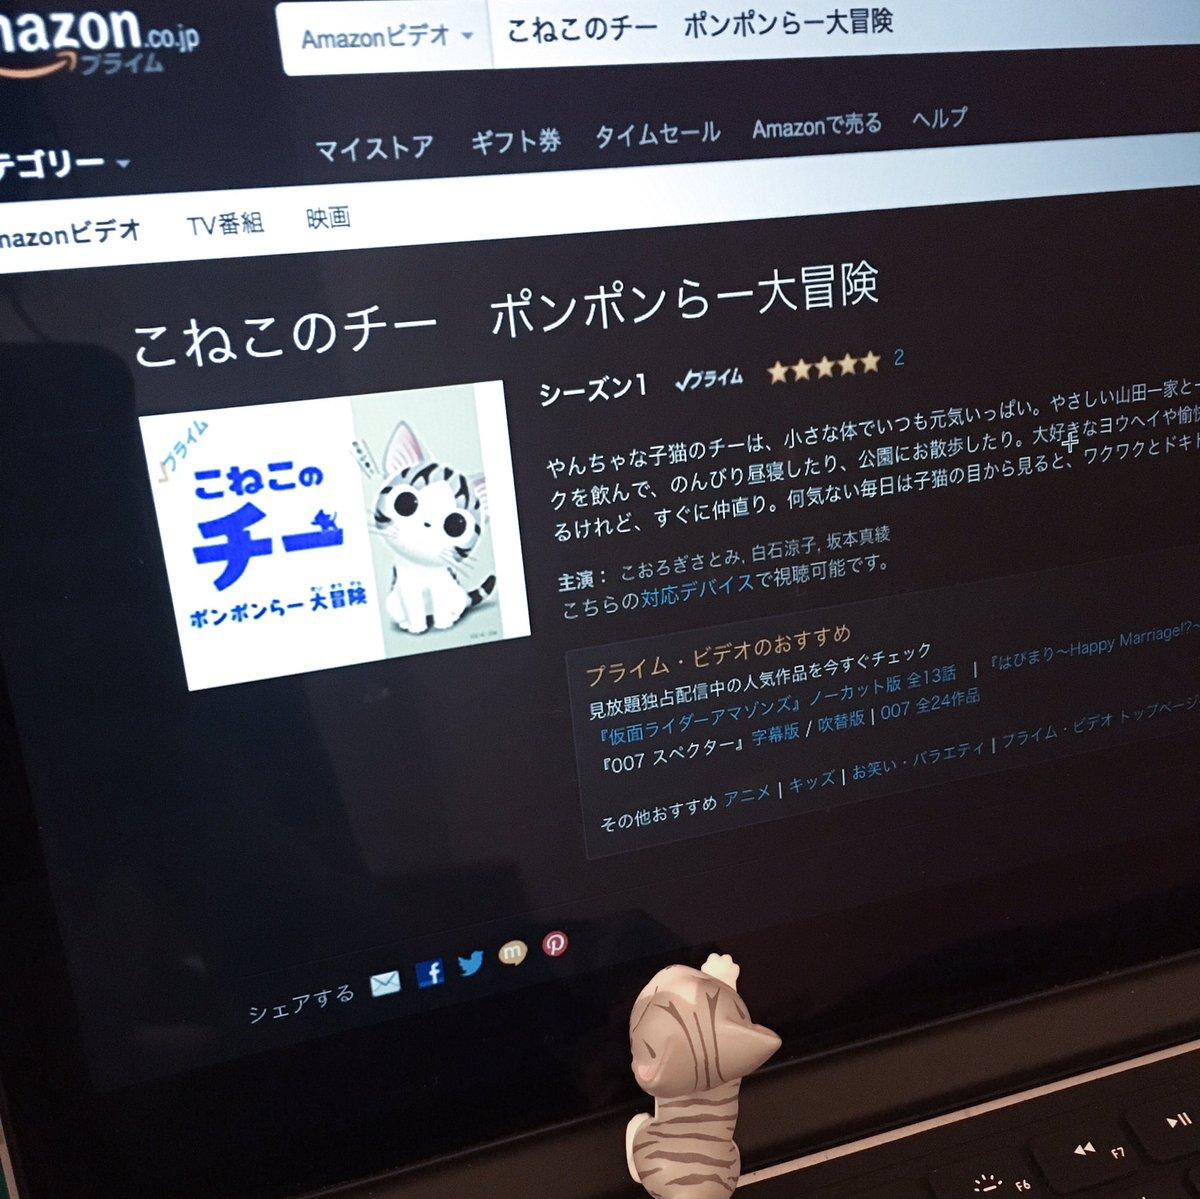 チーのアニメがアマゾンビデオれも みえうよー!#こねこのチー #チーズスイートホーム #アニメ #Amazonプライムビ